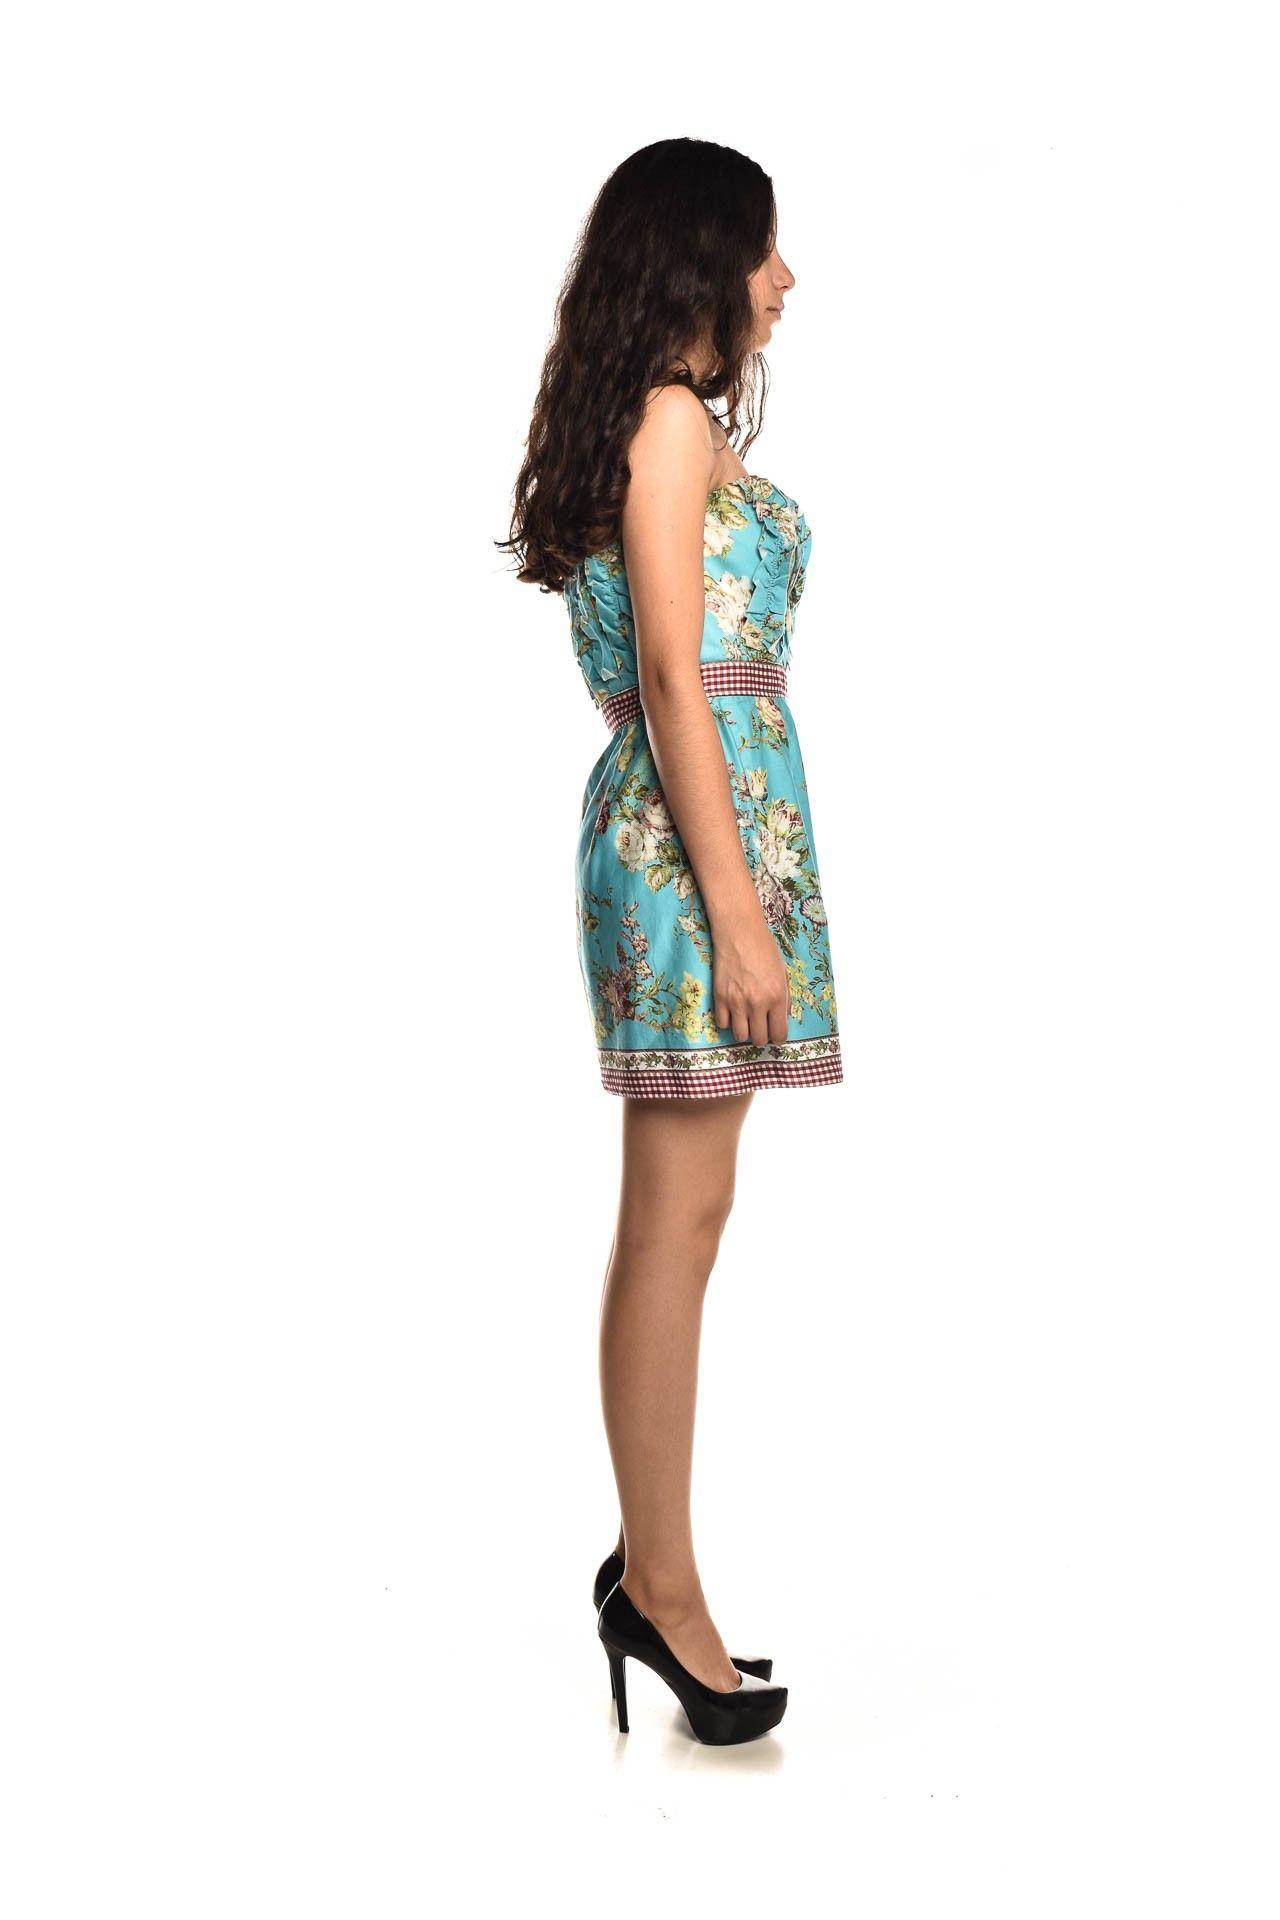 Daslu - Vestido Estampa Floral - Foto 3